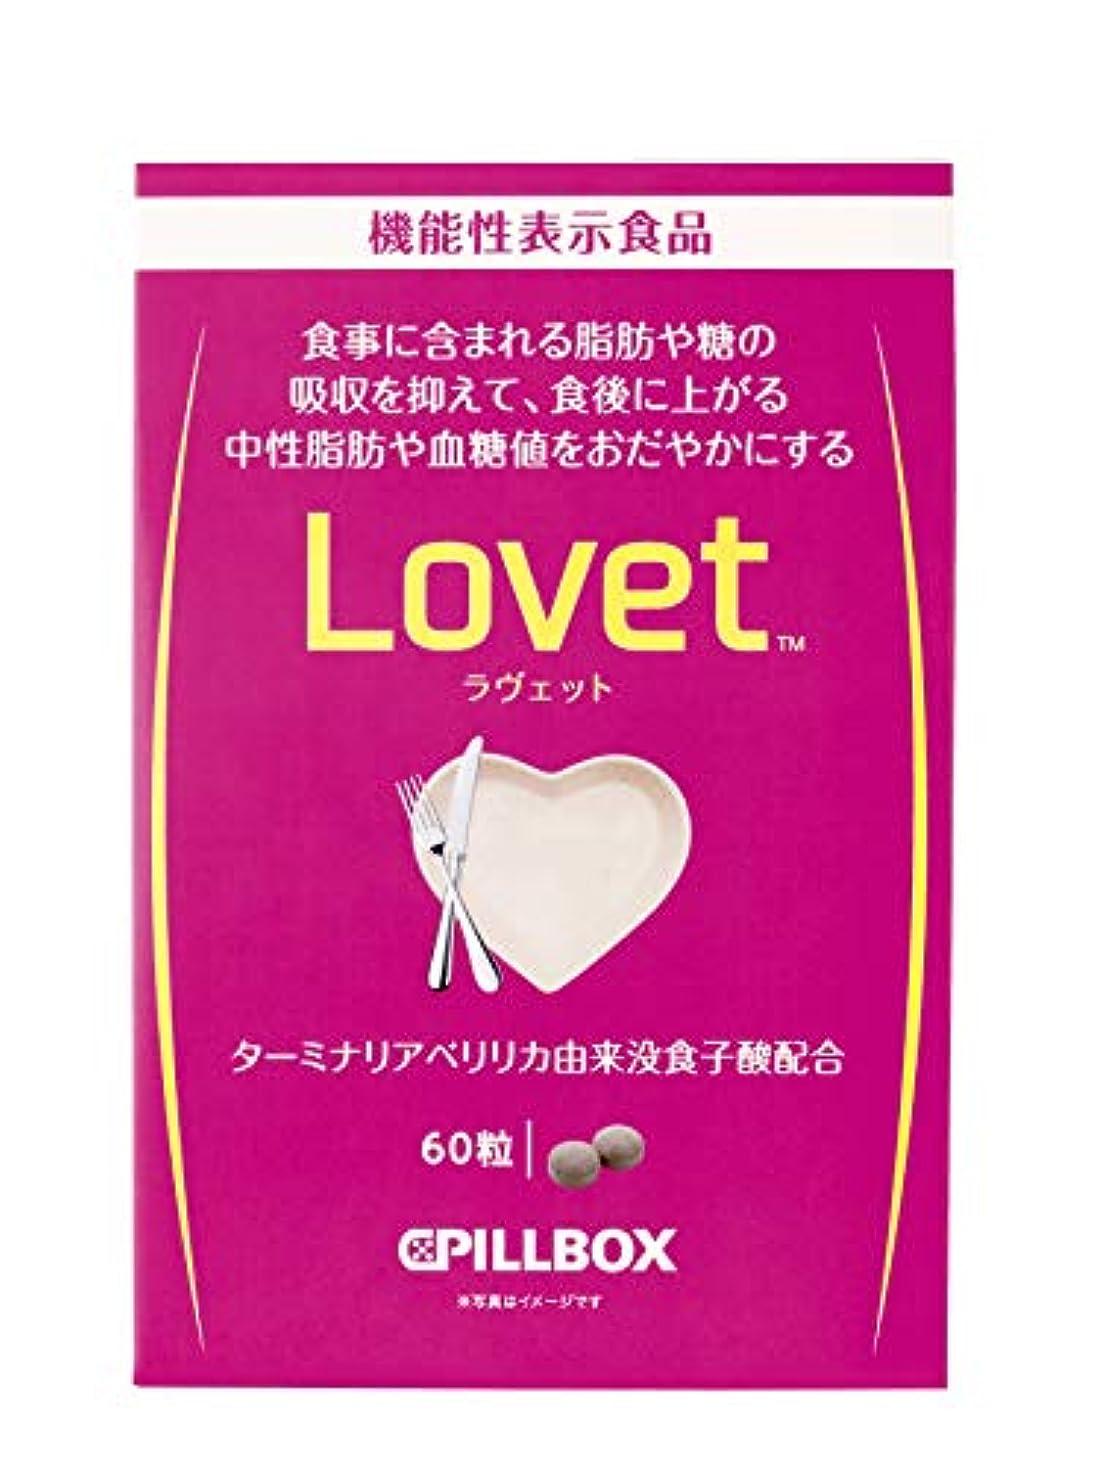 本質的にハリケーン船酔いピルボックス Lovet(ラヴェット)60粒 [機能性表示食品]